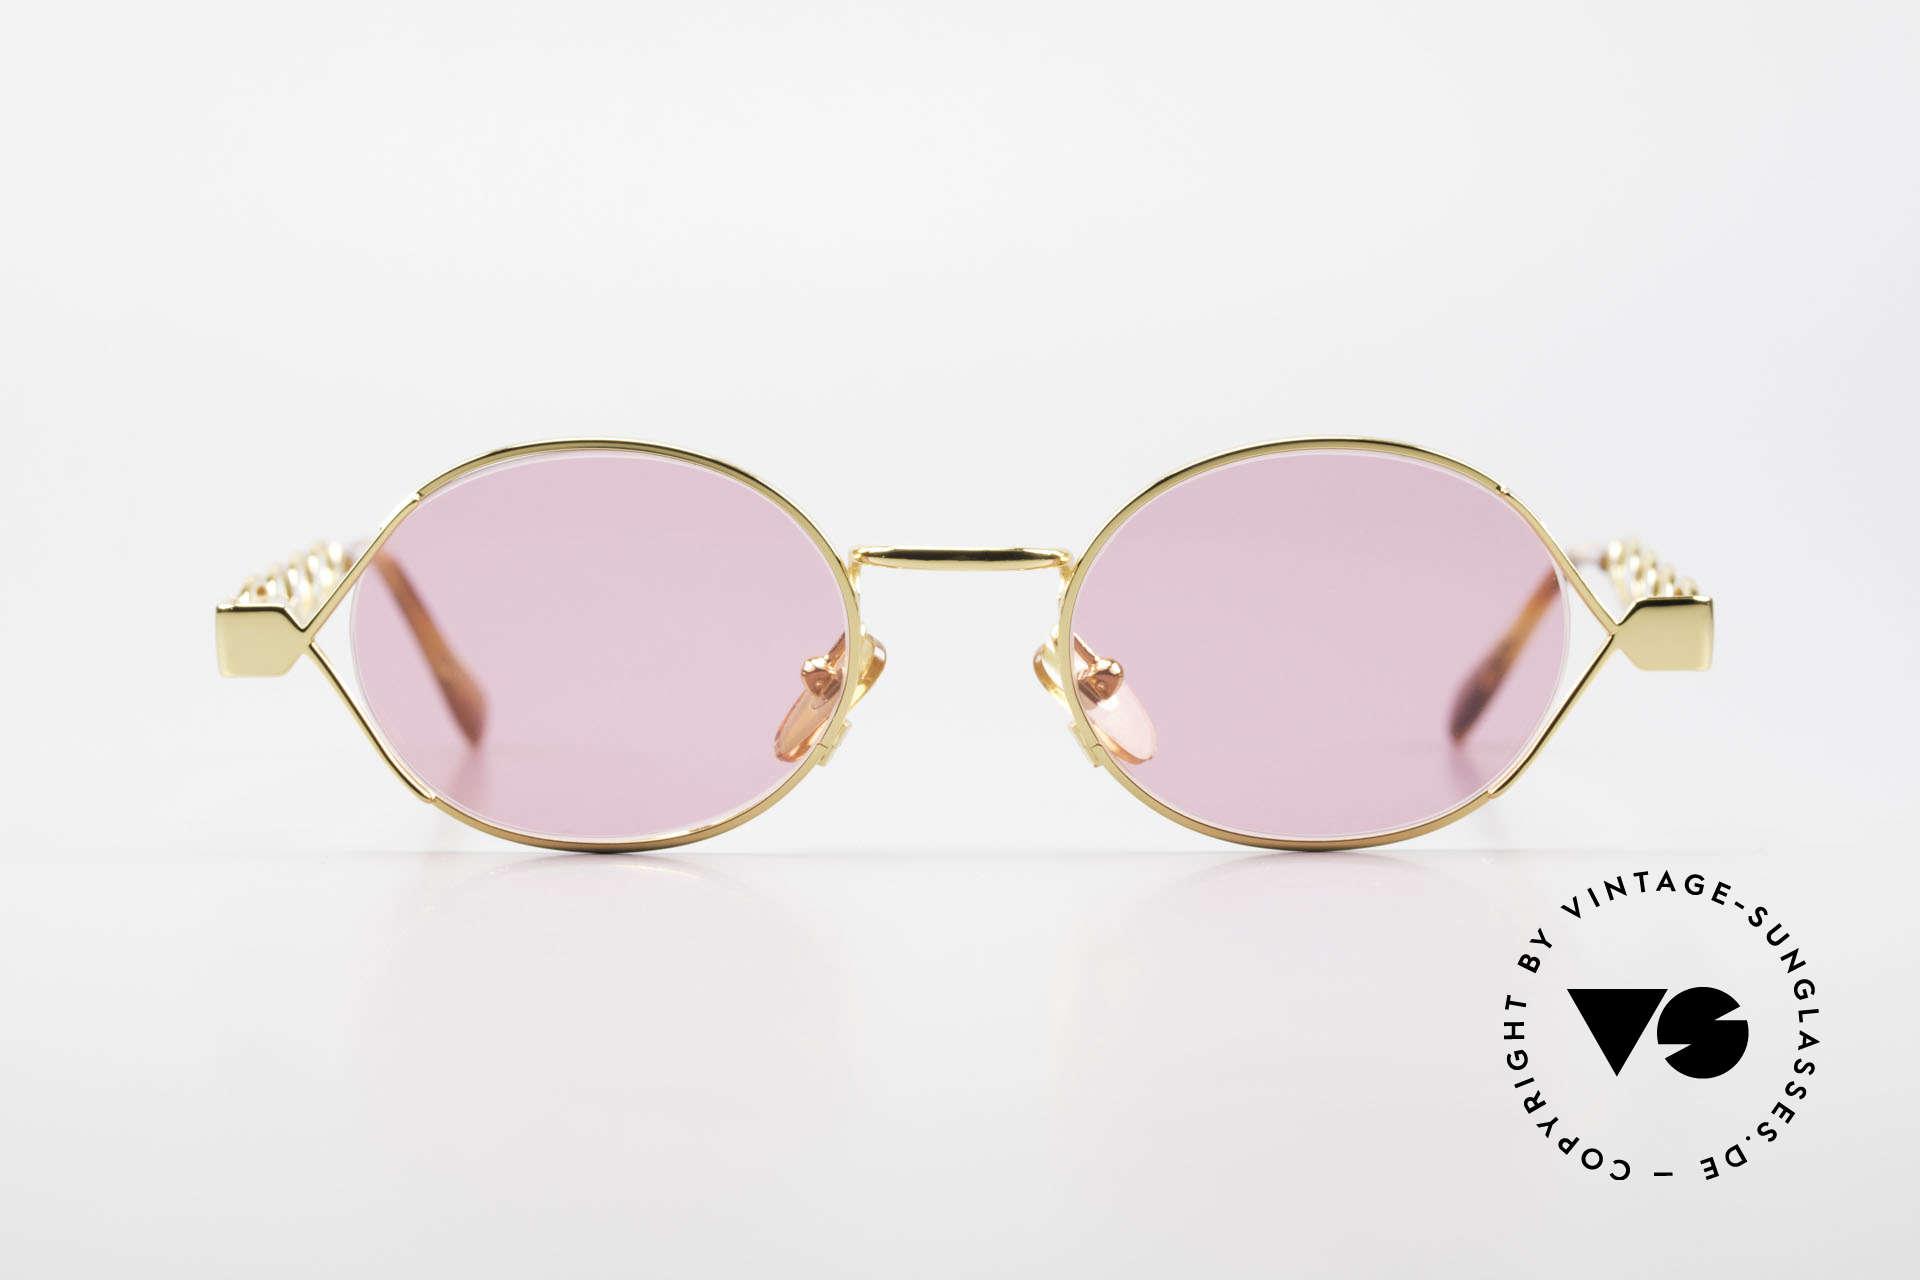 Moschino MM334 Designer Damen Brille Pink, kreative Ausführung der klassischen runden Form, Passend für Damen